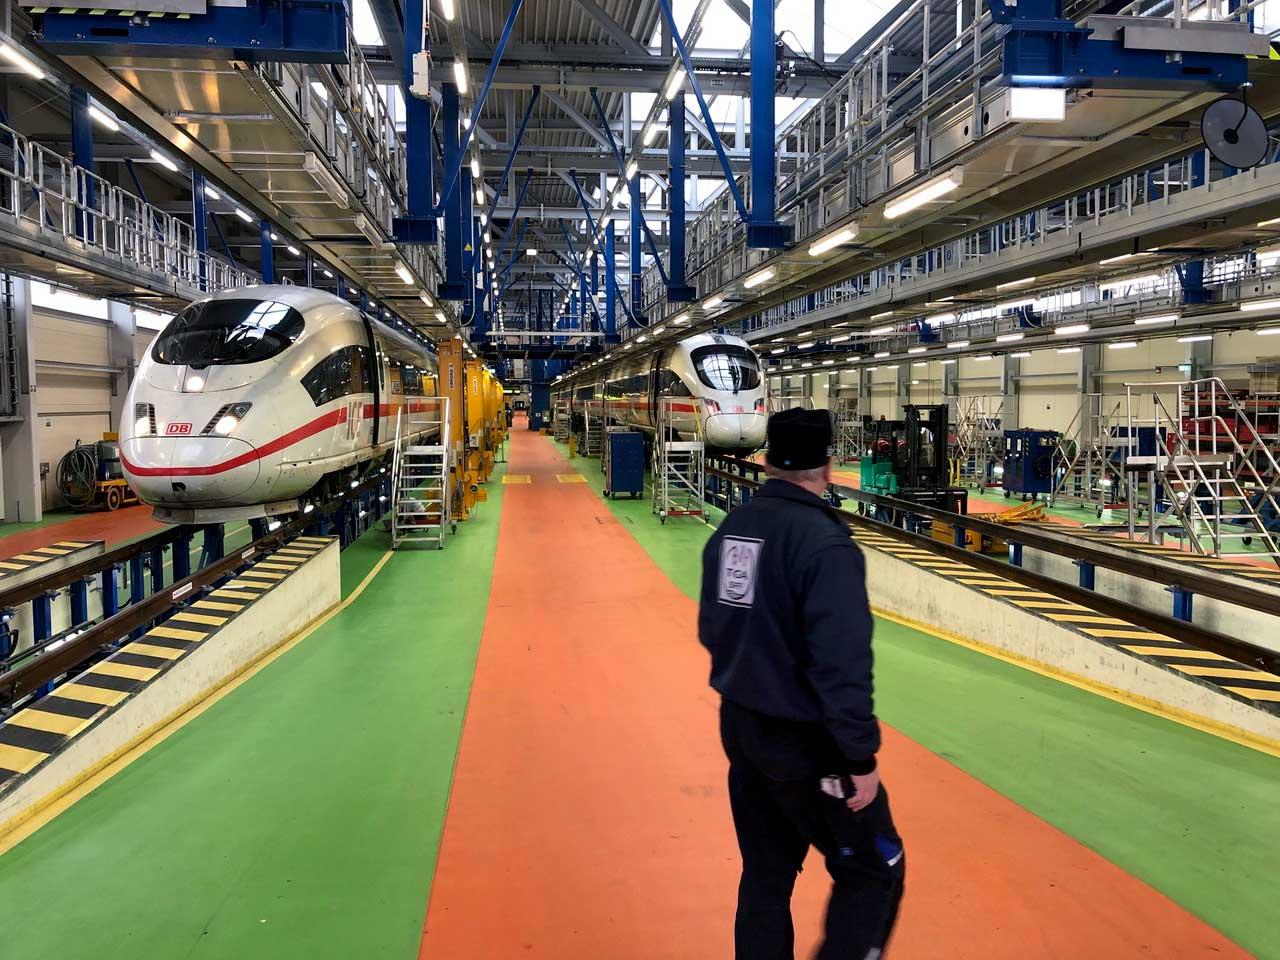 Bild: TGA-Arbeiter bei Fahrzeuginstandhaltung in Nürnberg